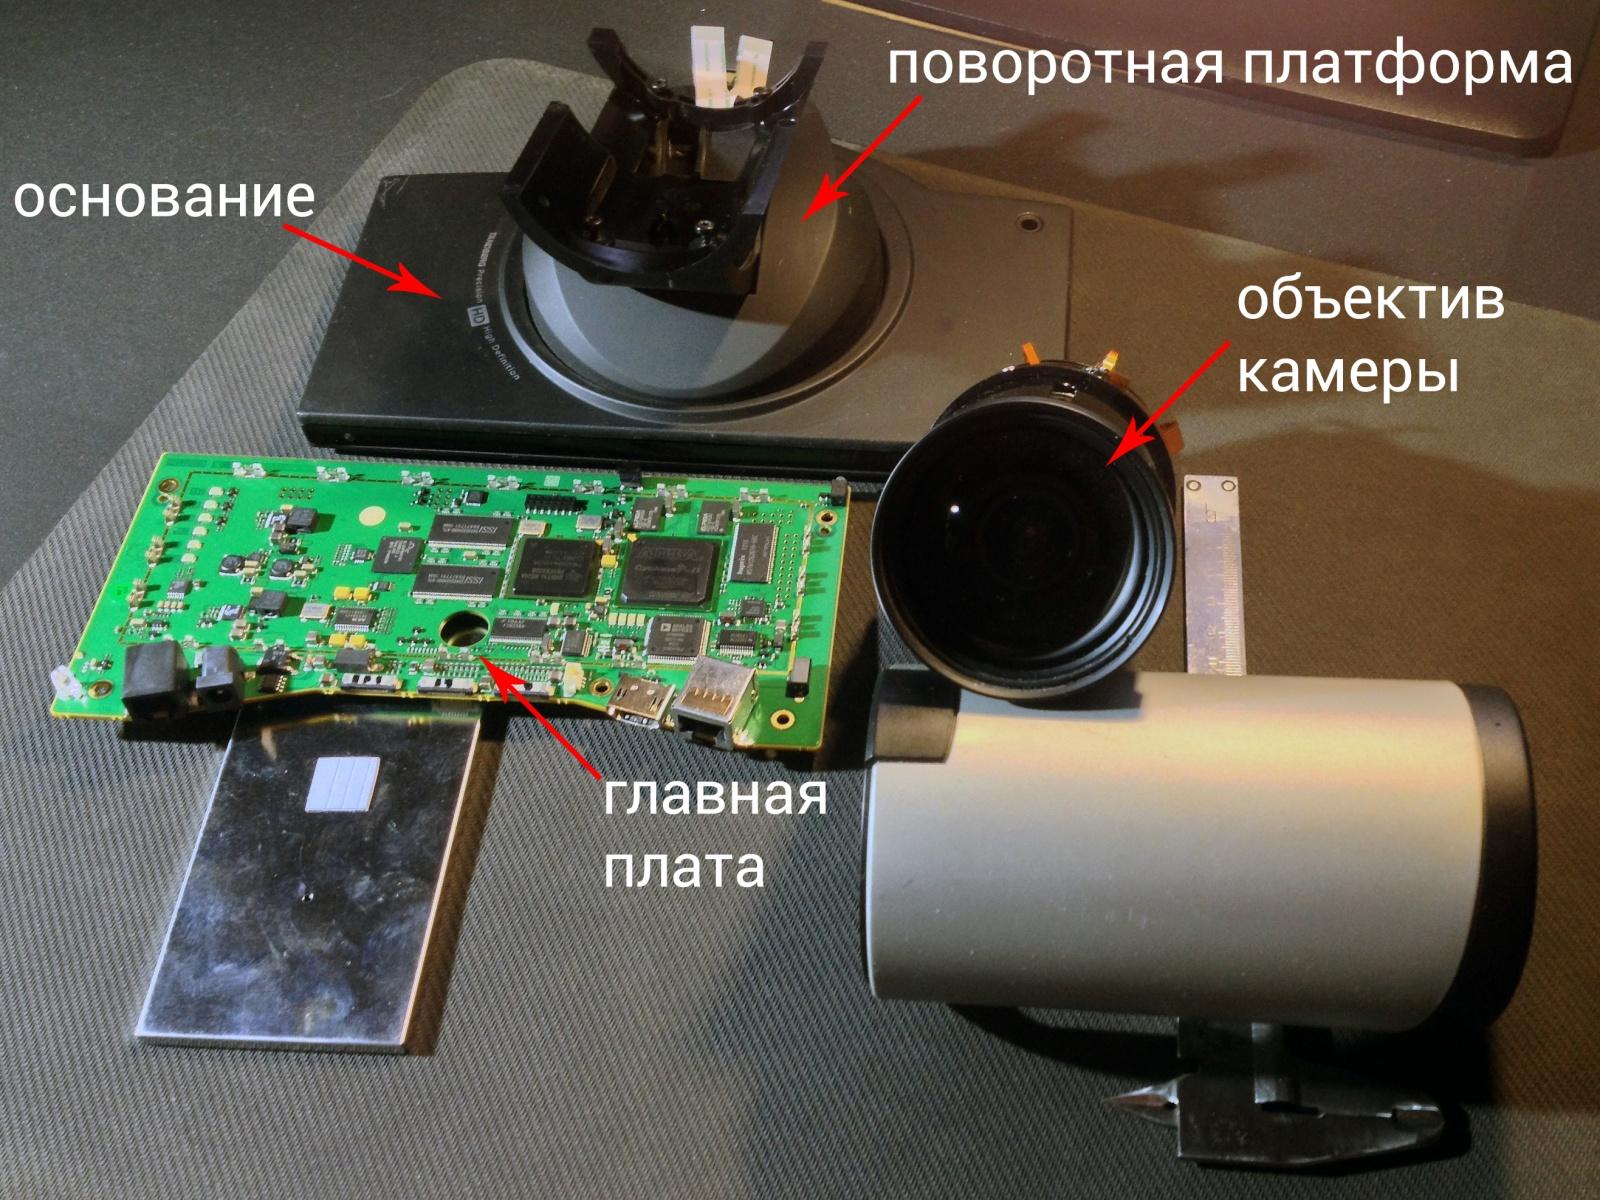 Разбор PTZ-камеры: что внутри и как это работает - 3